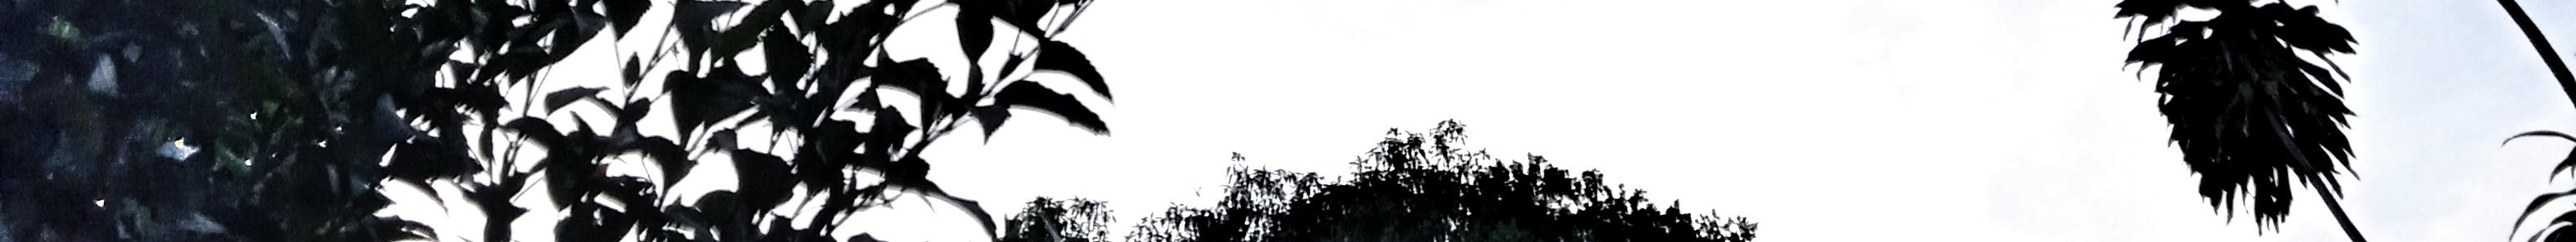 IMG_20210110_180216-02.jpeg